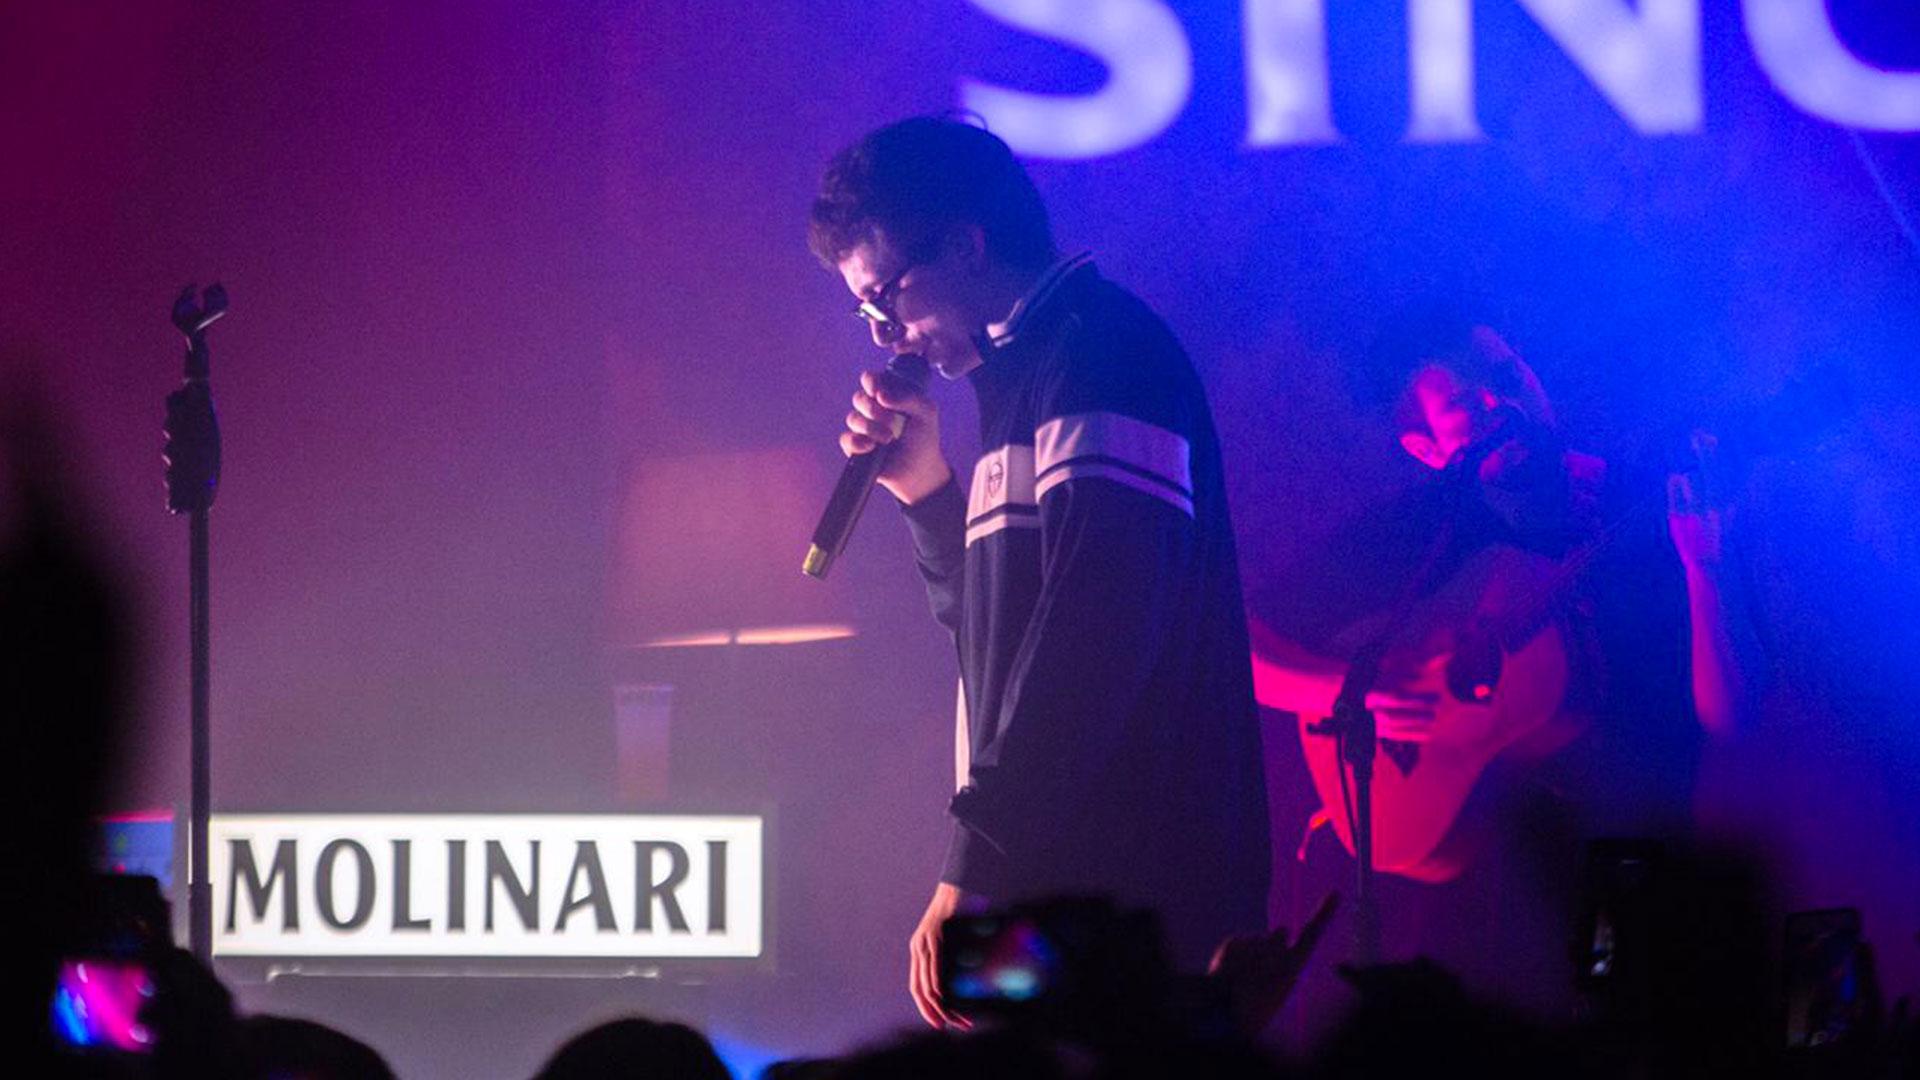 Stanza Molinari ft. Franco126